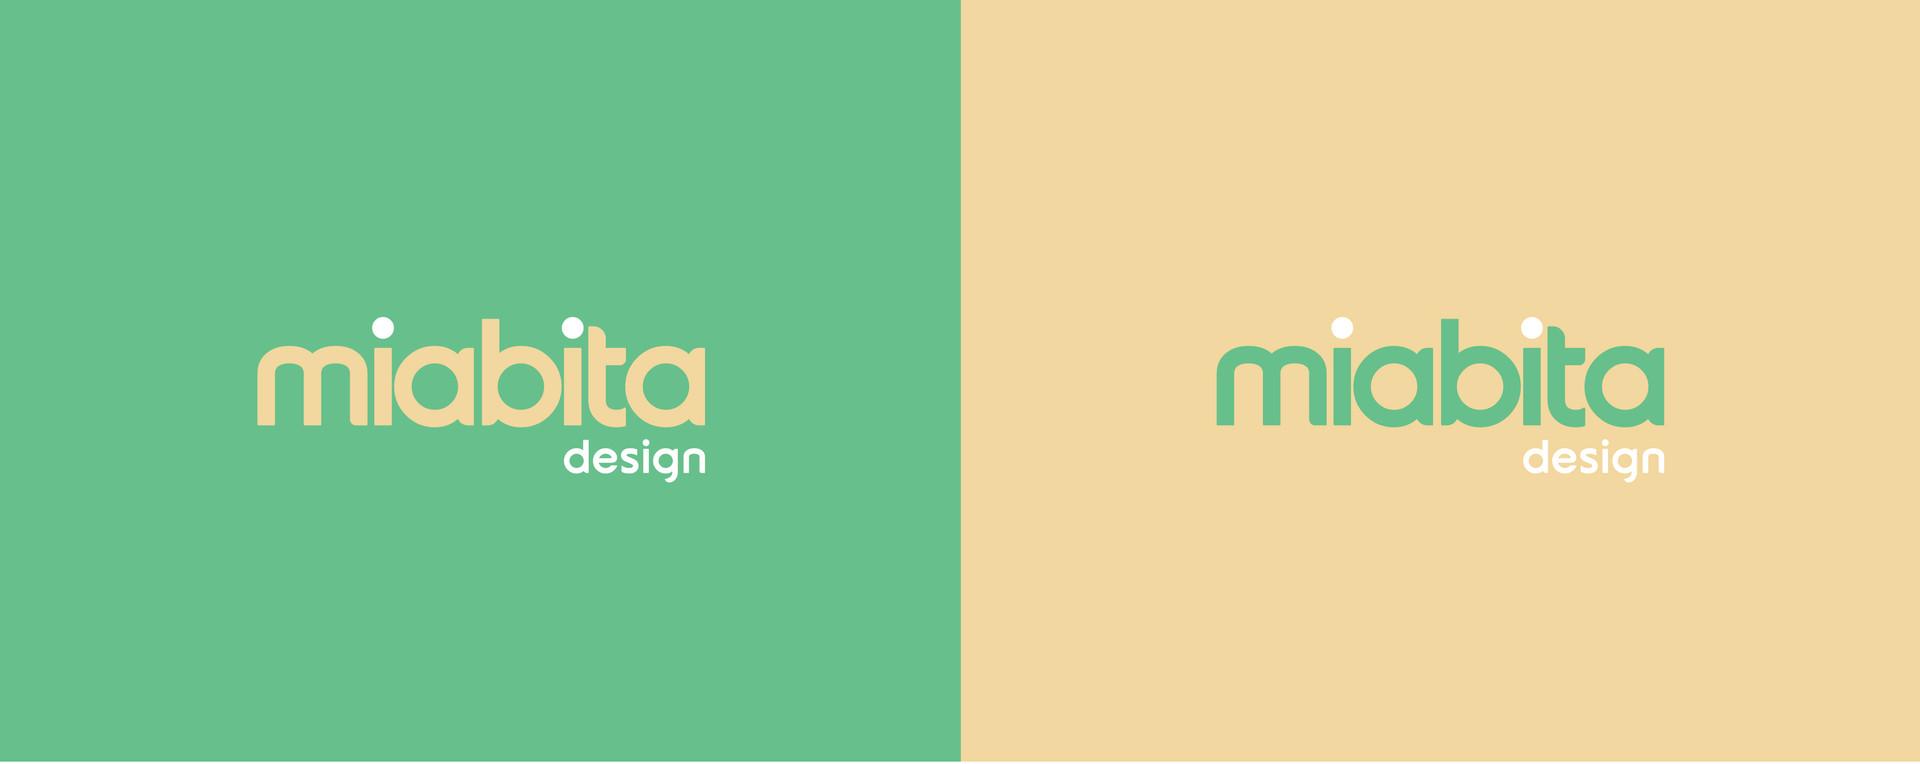 Projeto_miabita_designer_grafico_freelan